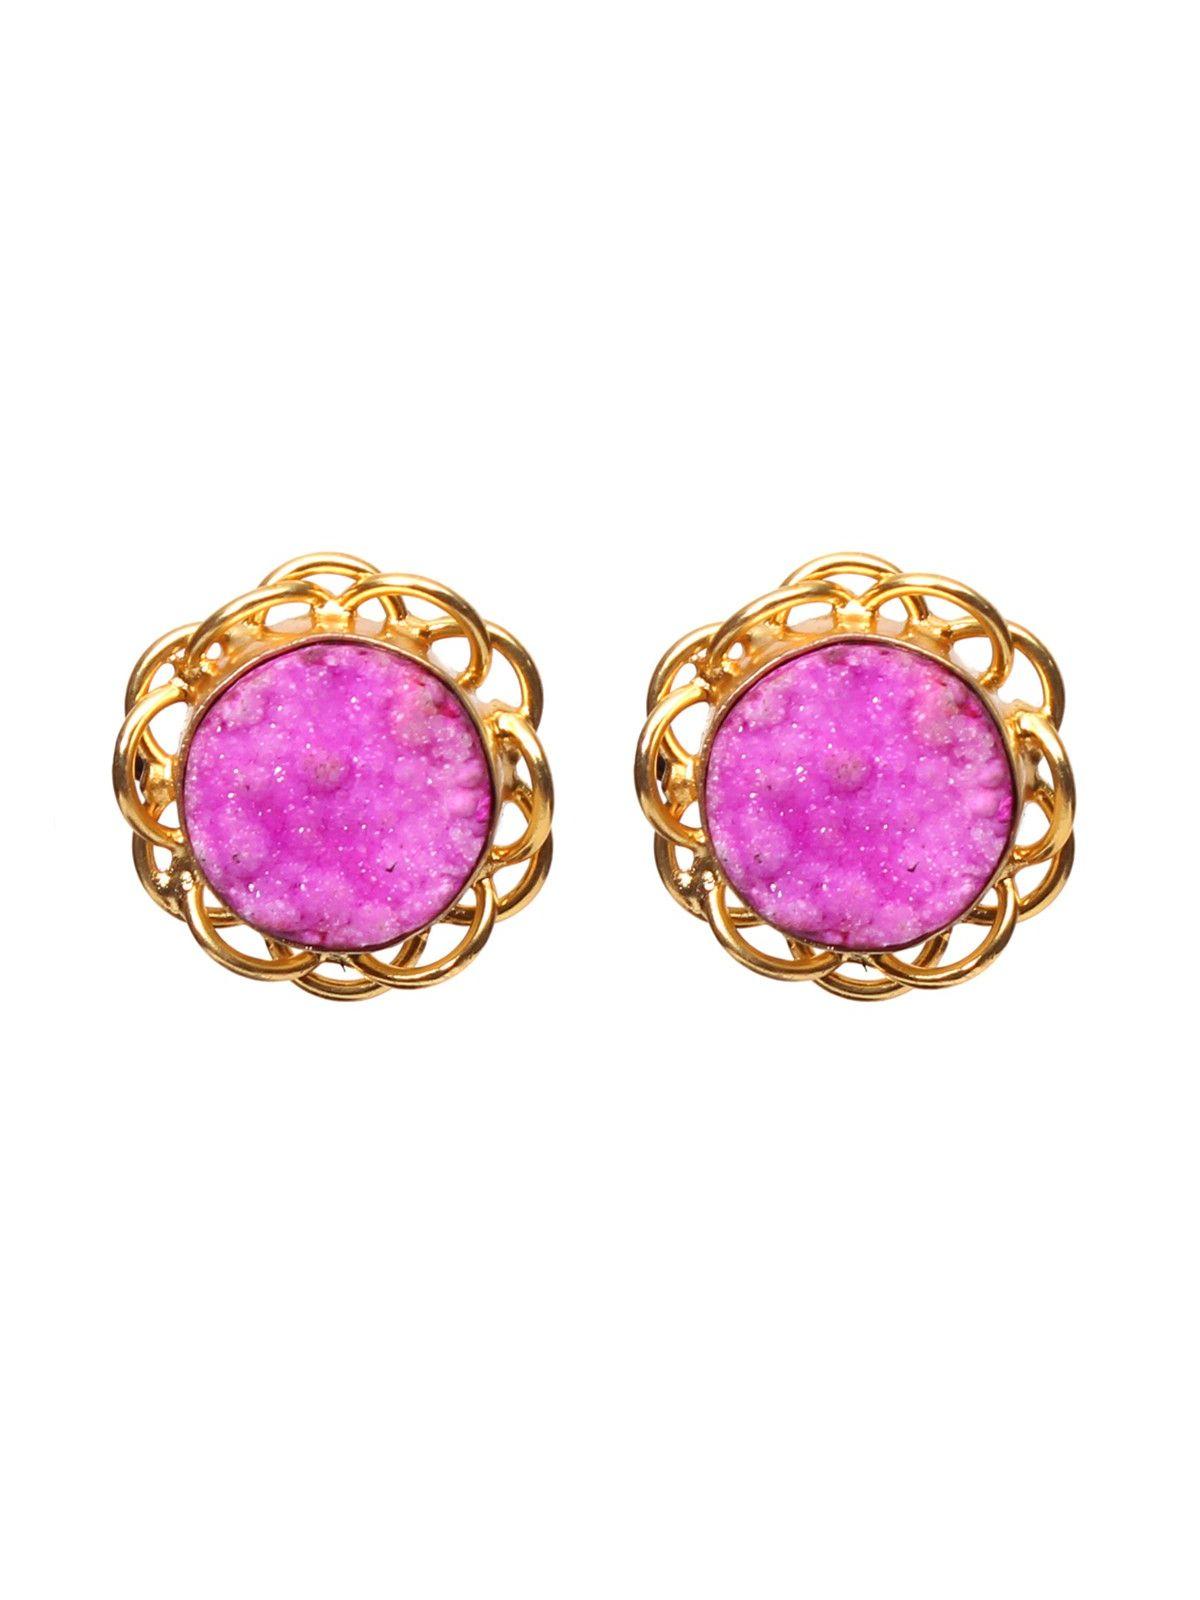 Heliosphere earrings